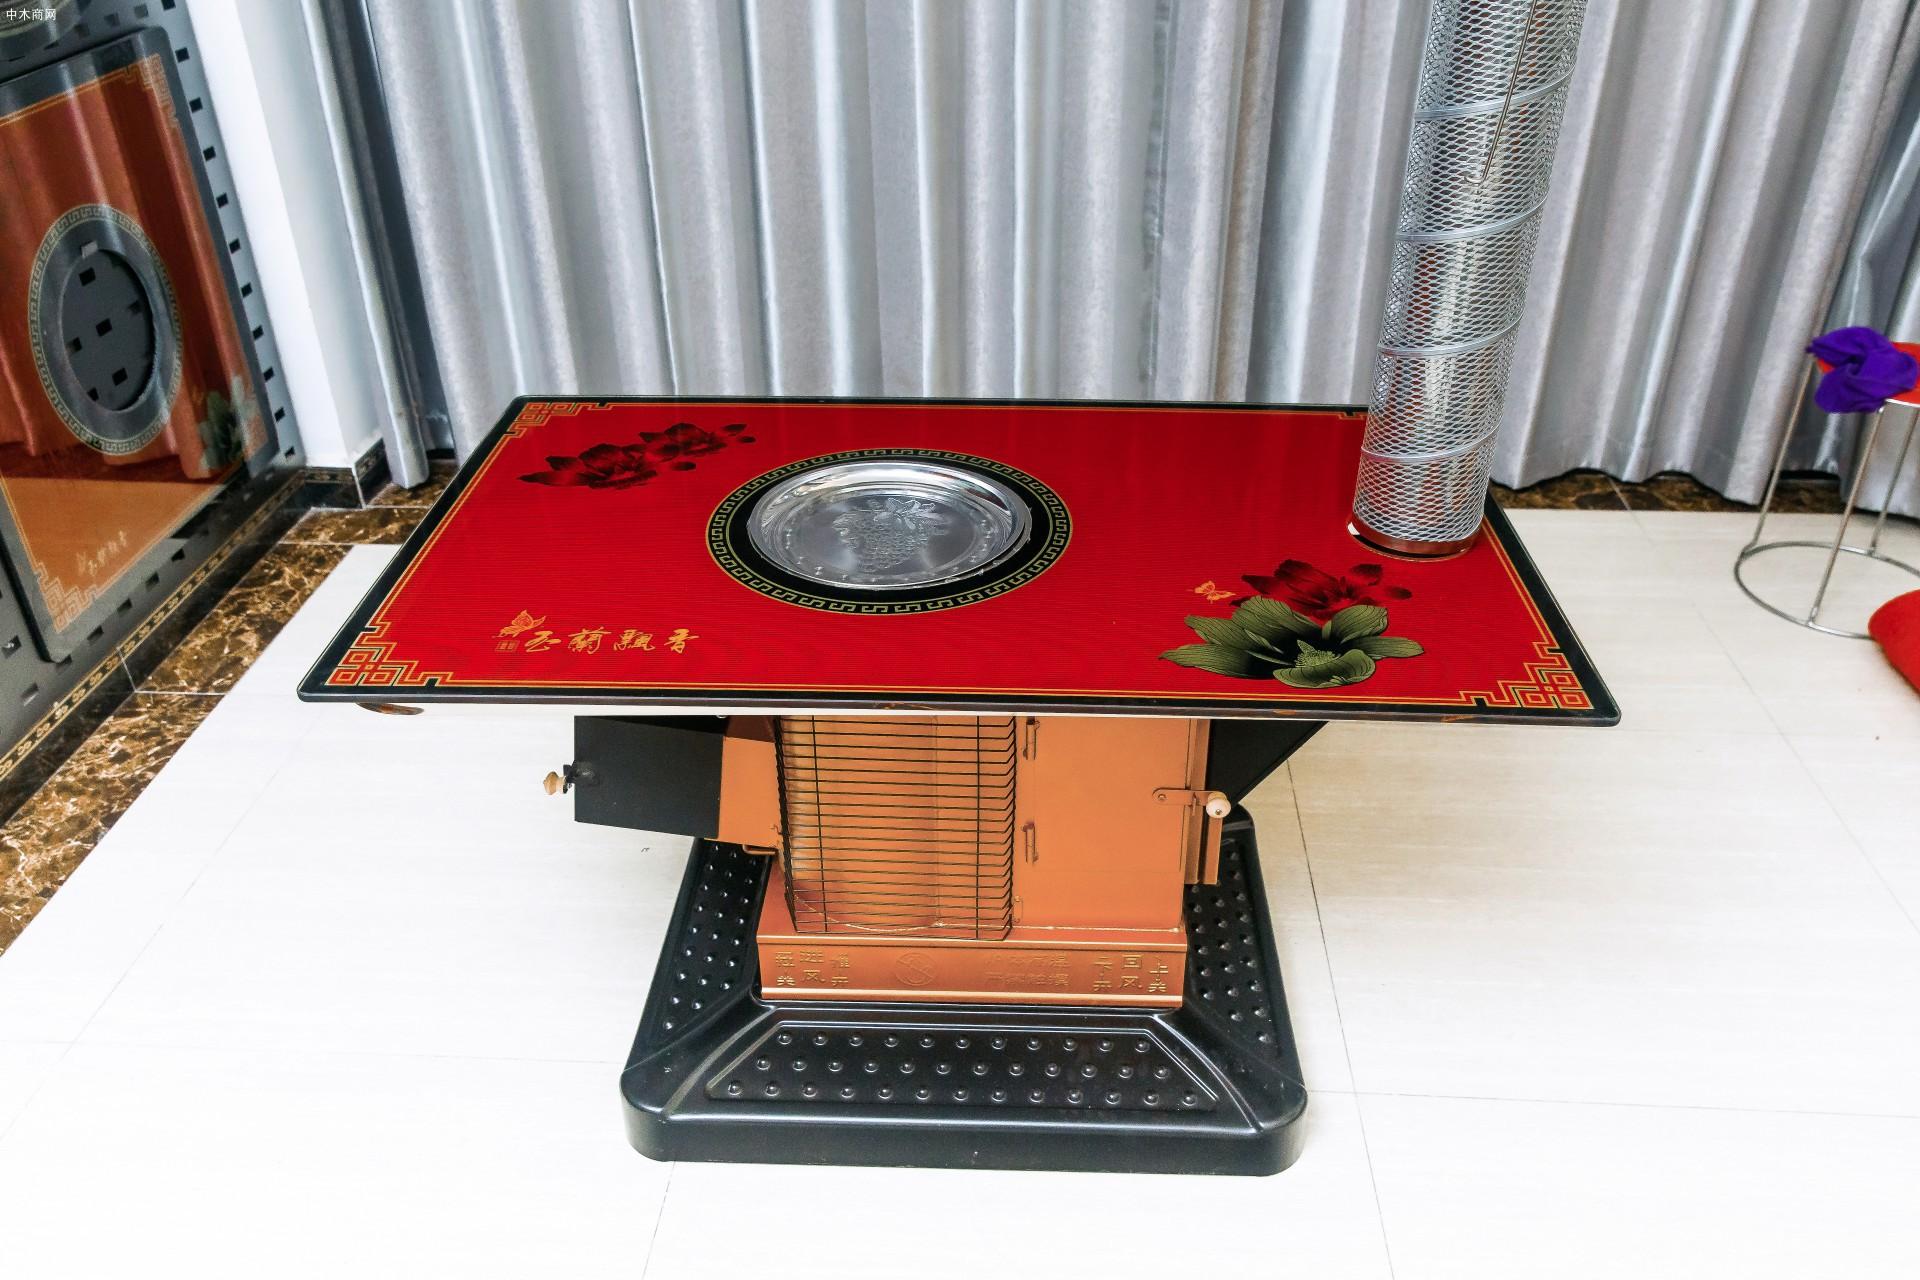 湖北宜昌冬季家用室内烤火炉_采暖炉_取暖炉回风炉厂家批发直销采购